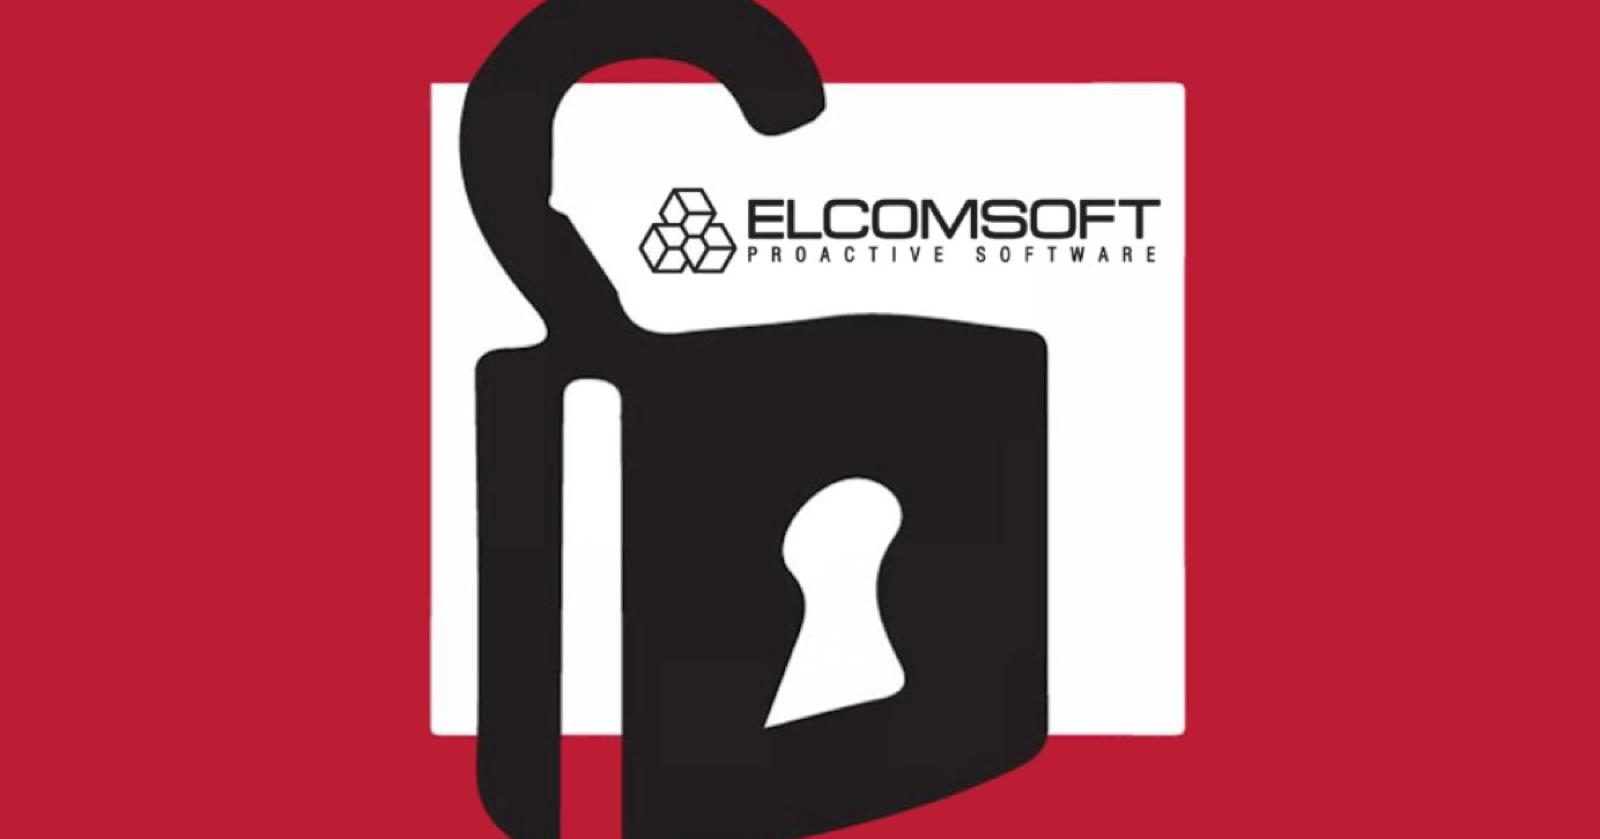 Logo of Elcomsoft Phone Breaker tool.